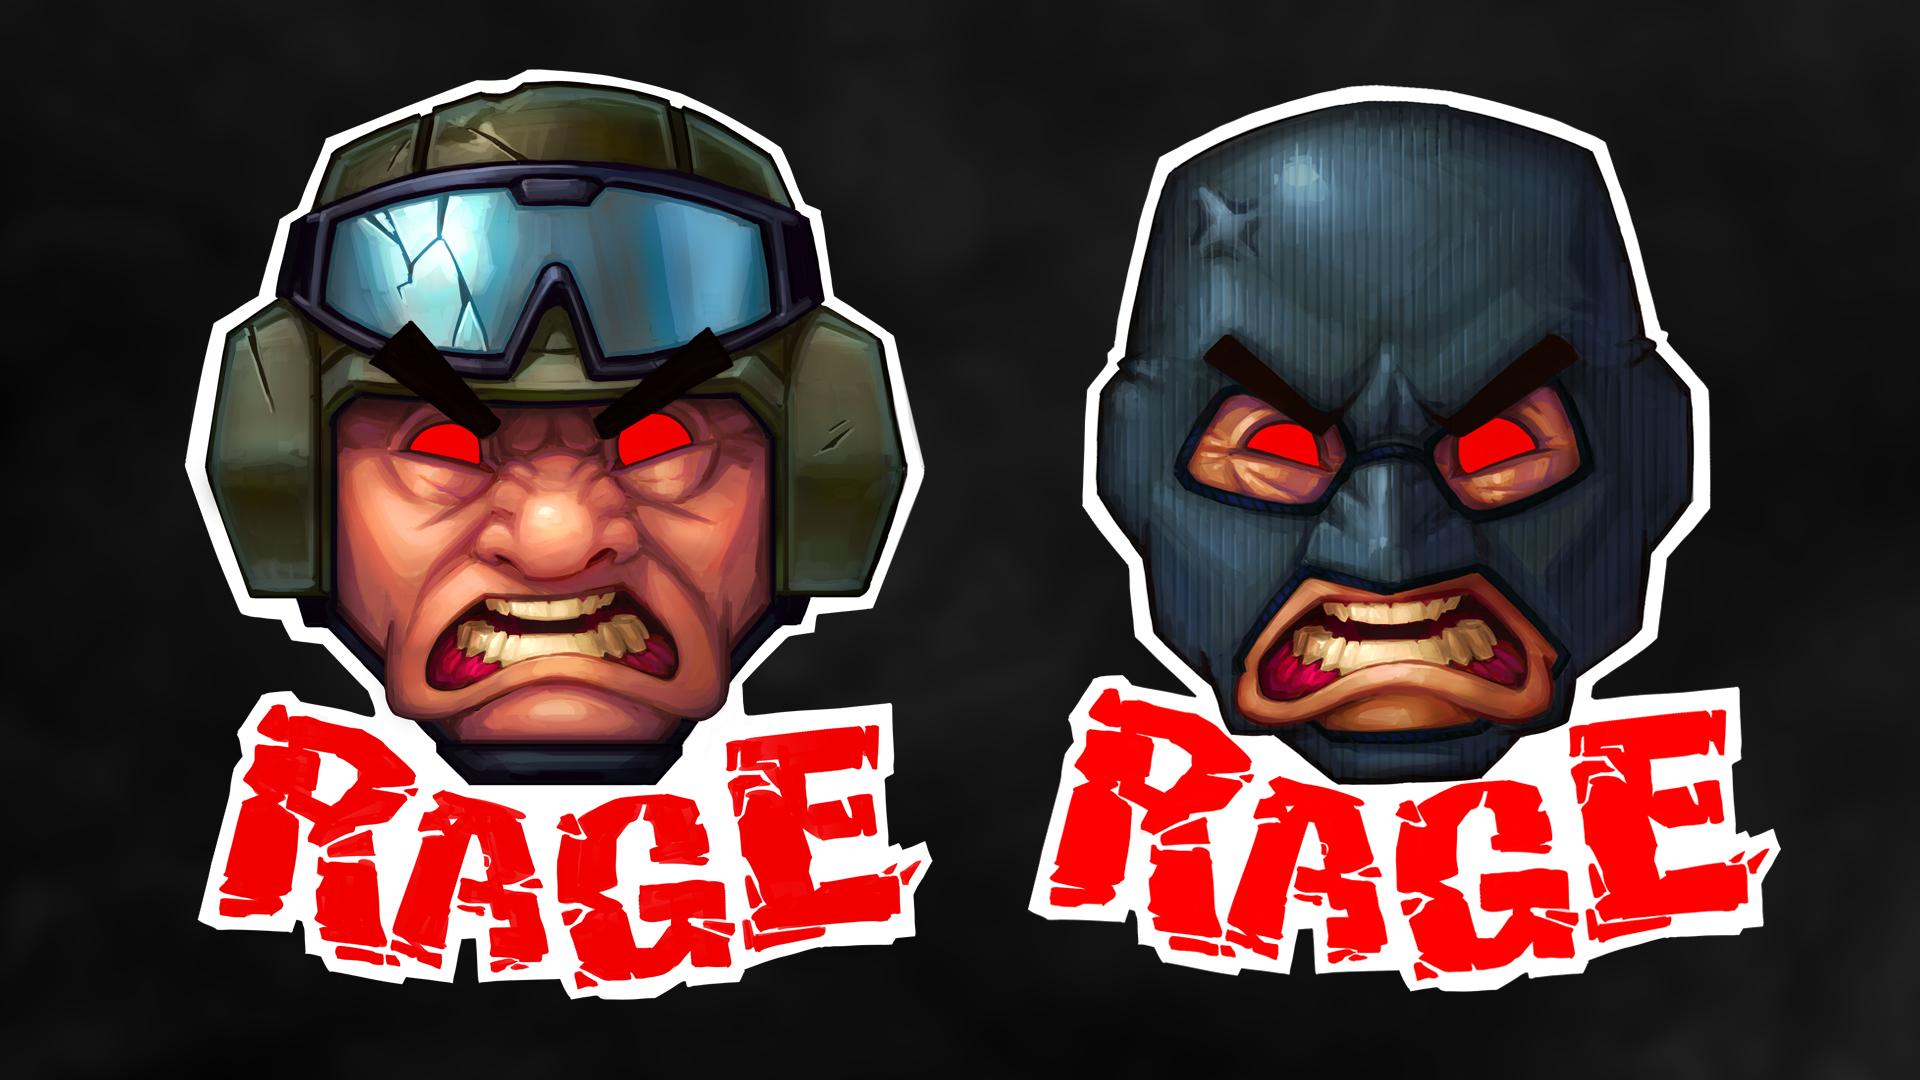 Csgo rage cs go free play